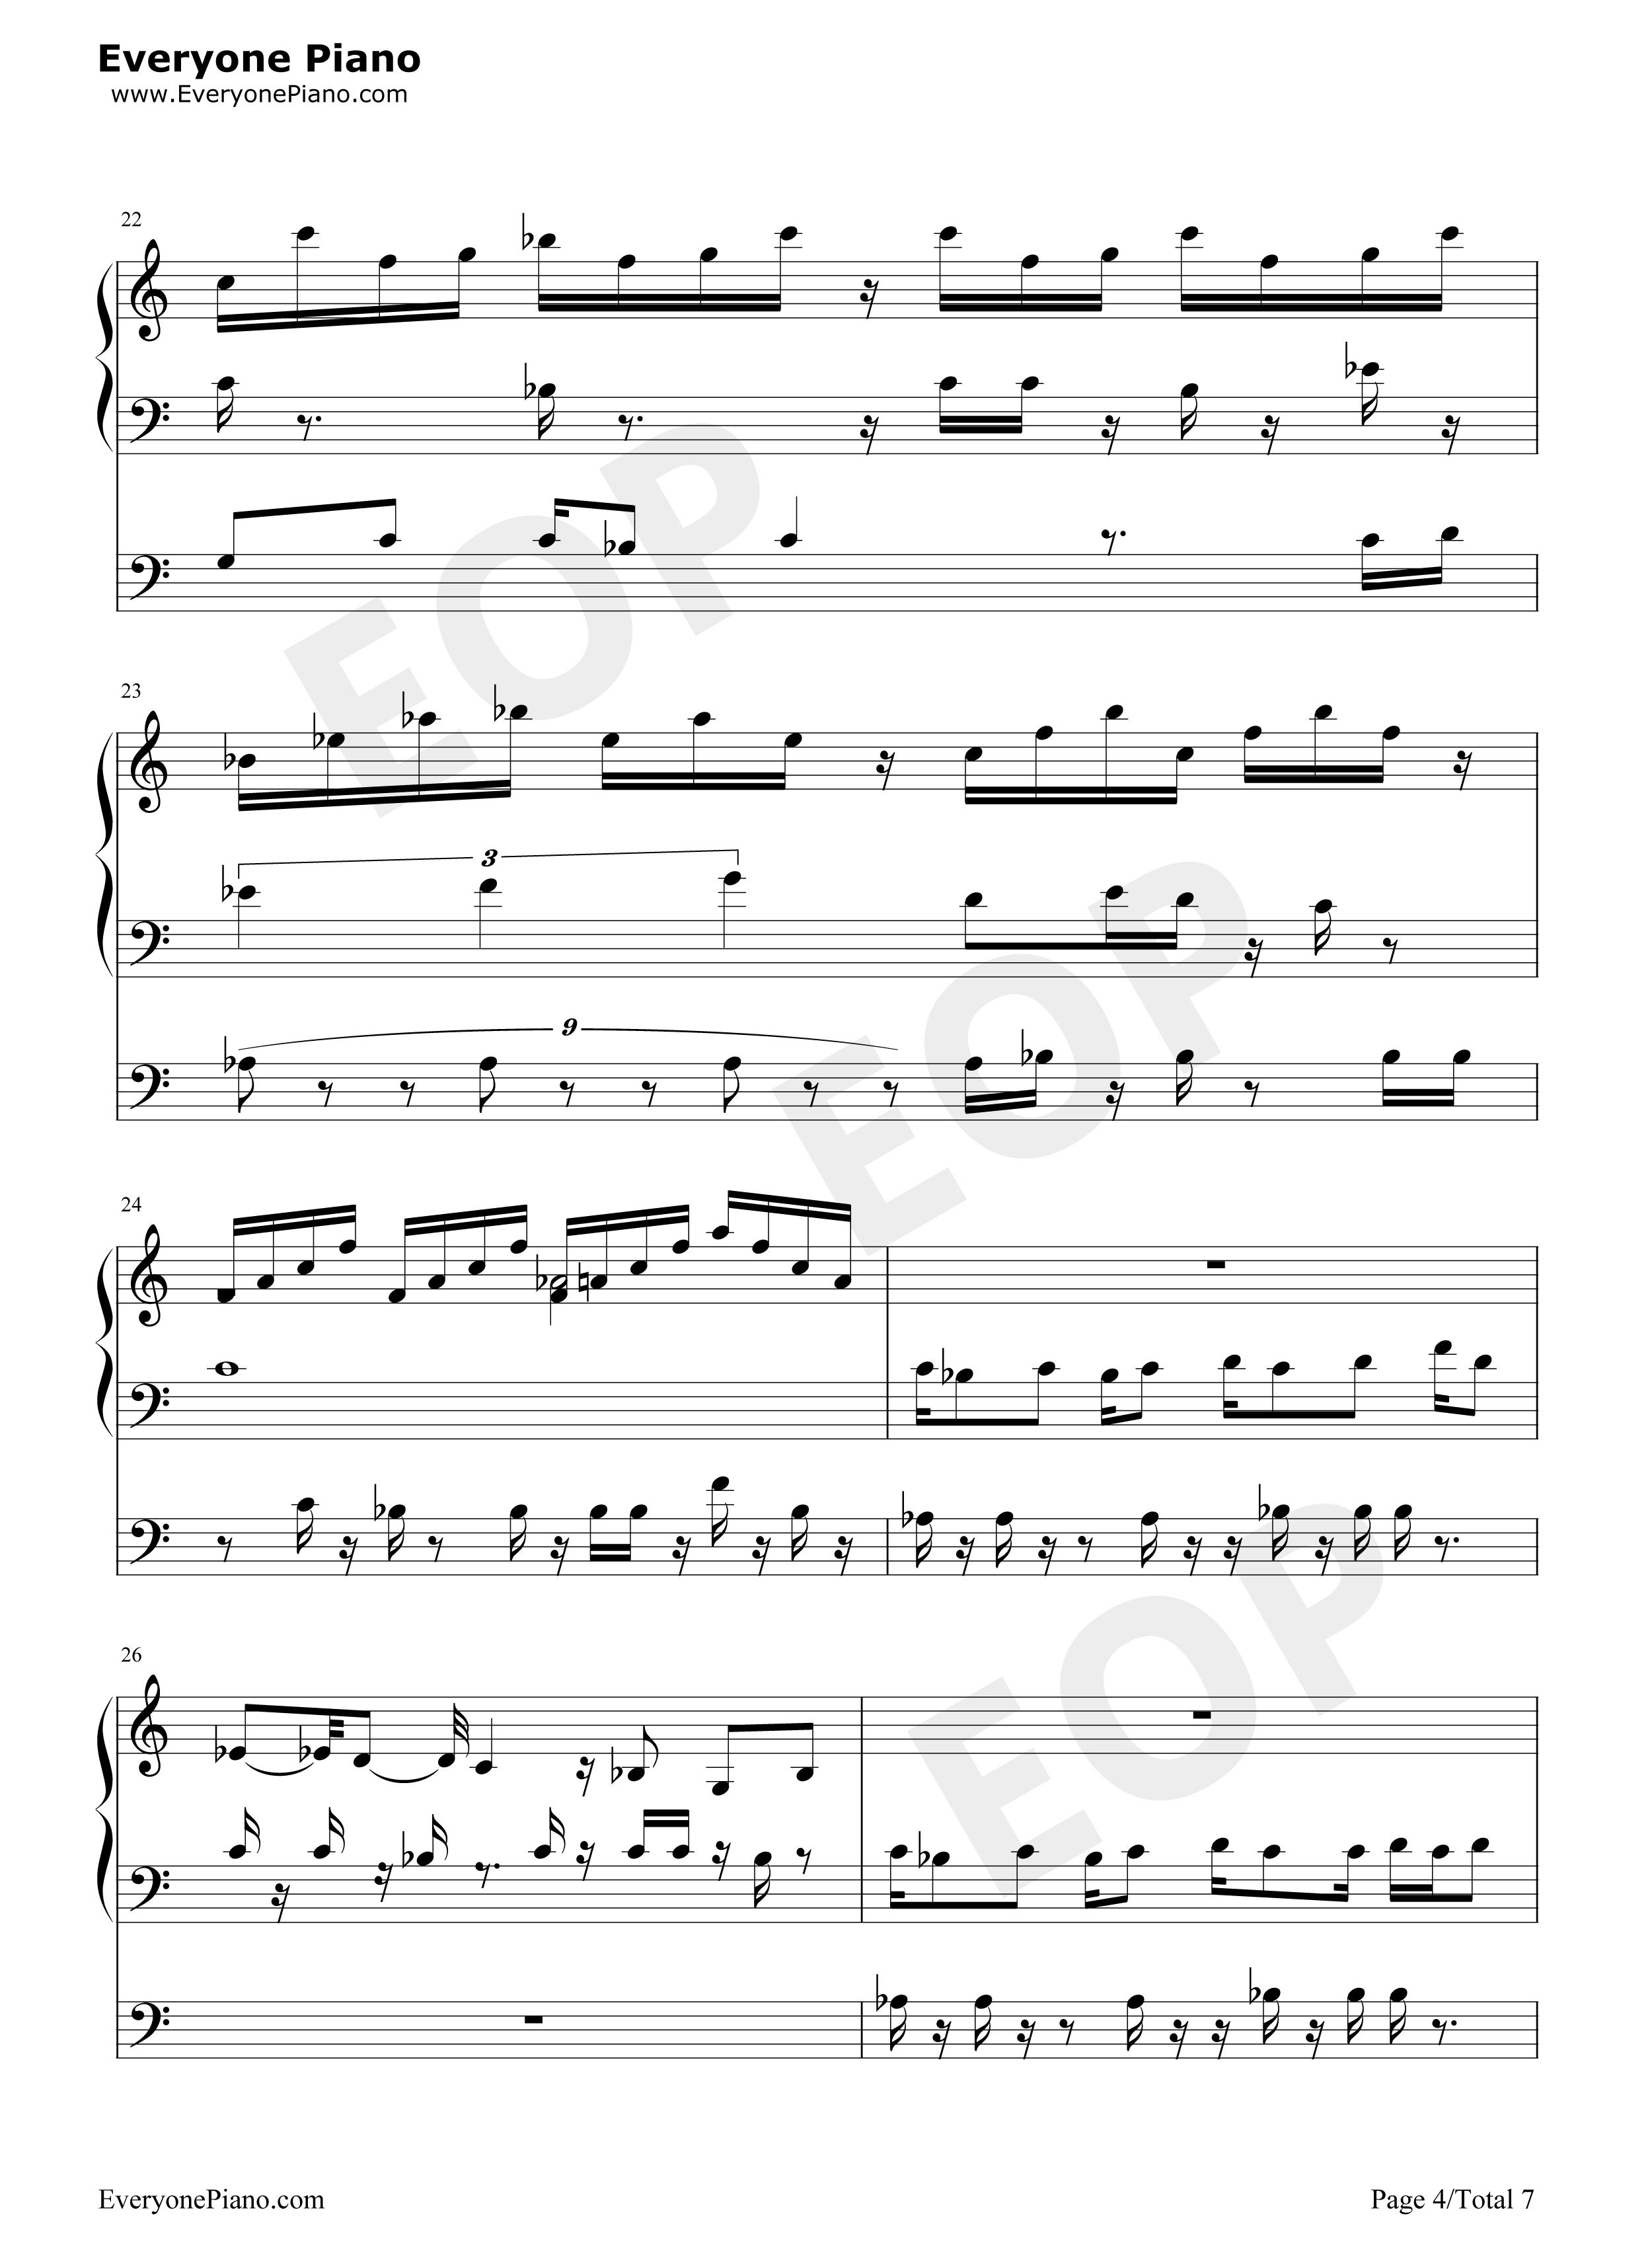 钢琴曲谱 动漫 植物大战僵尸-boss关卡bgm